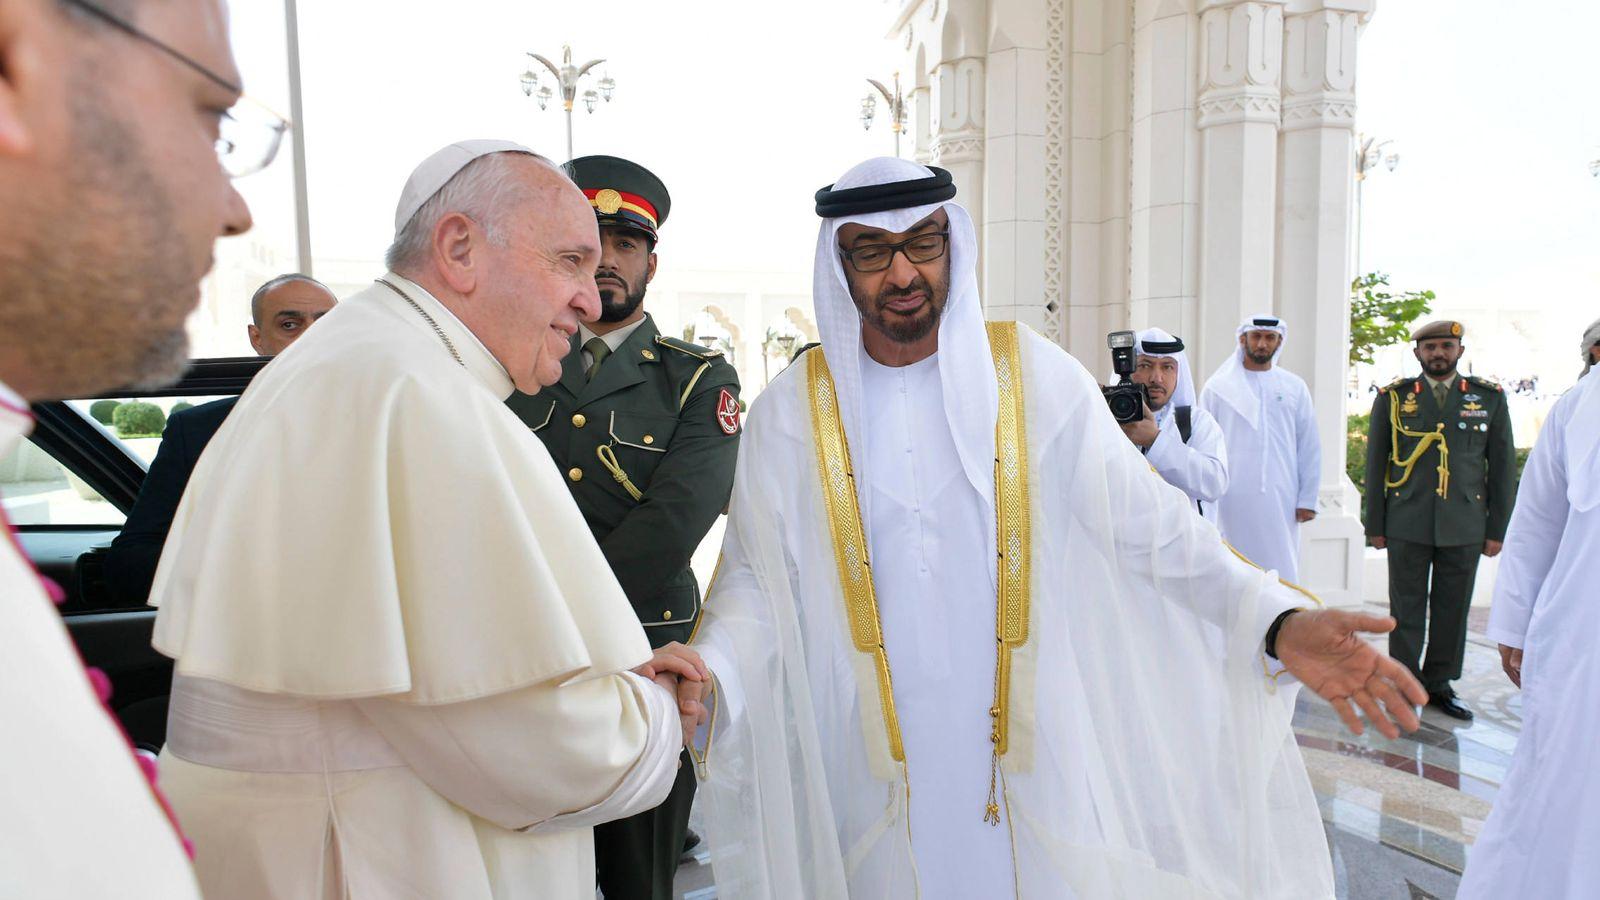 Foto: El papa Francisco saluda al príncipe heredero Mohamed bin Zayed Al Nahyan en Abu Dabi. (Reuters)